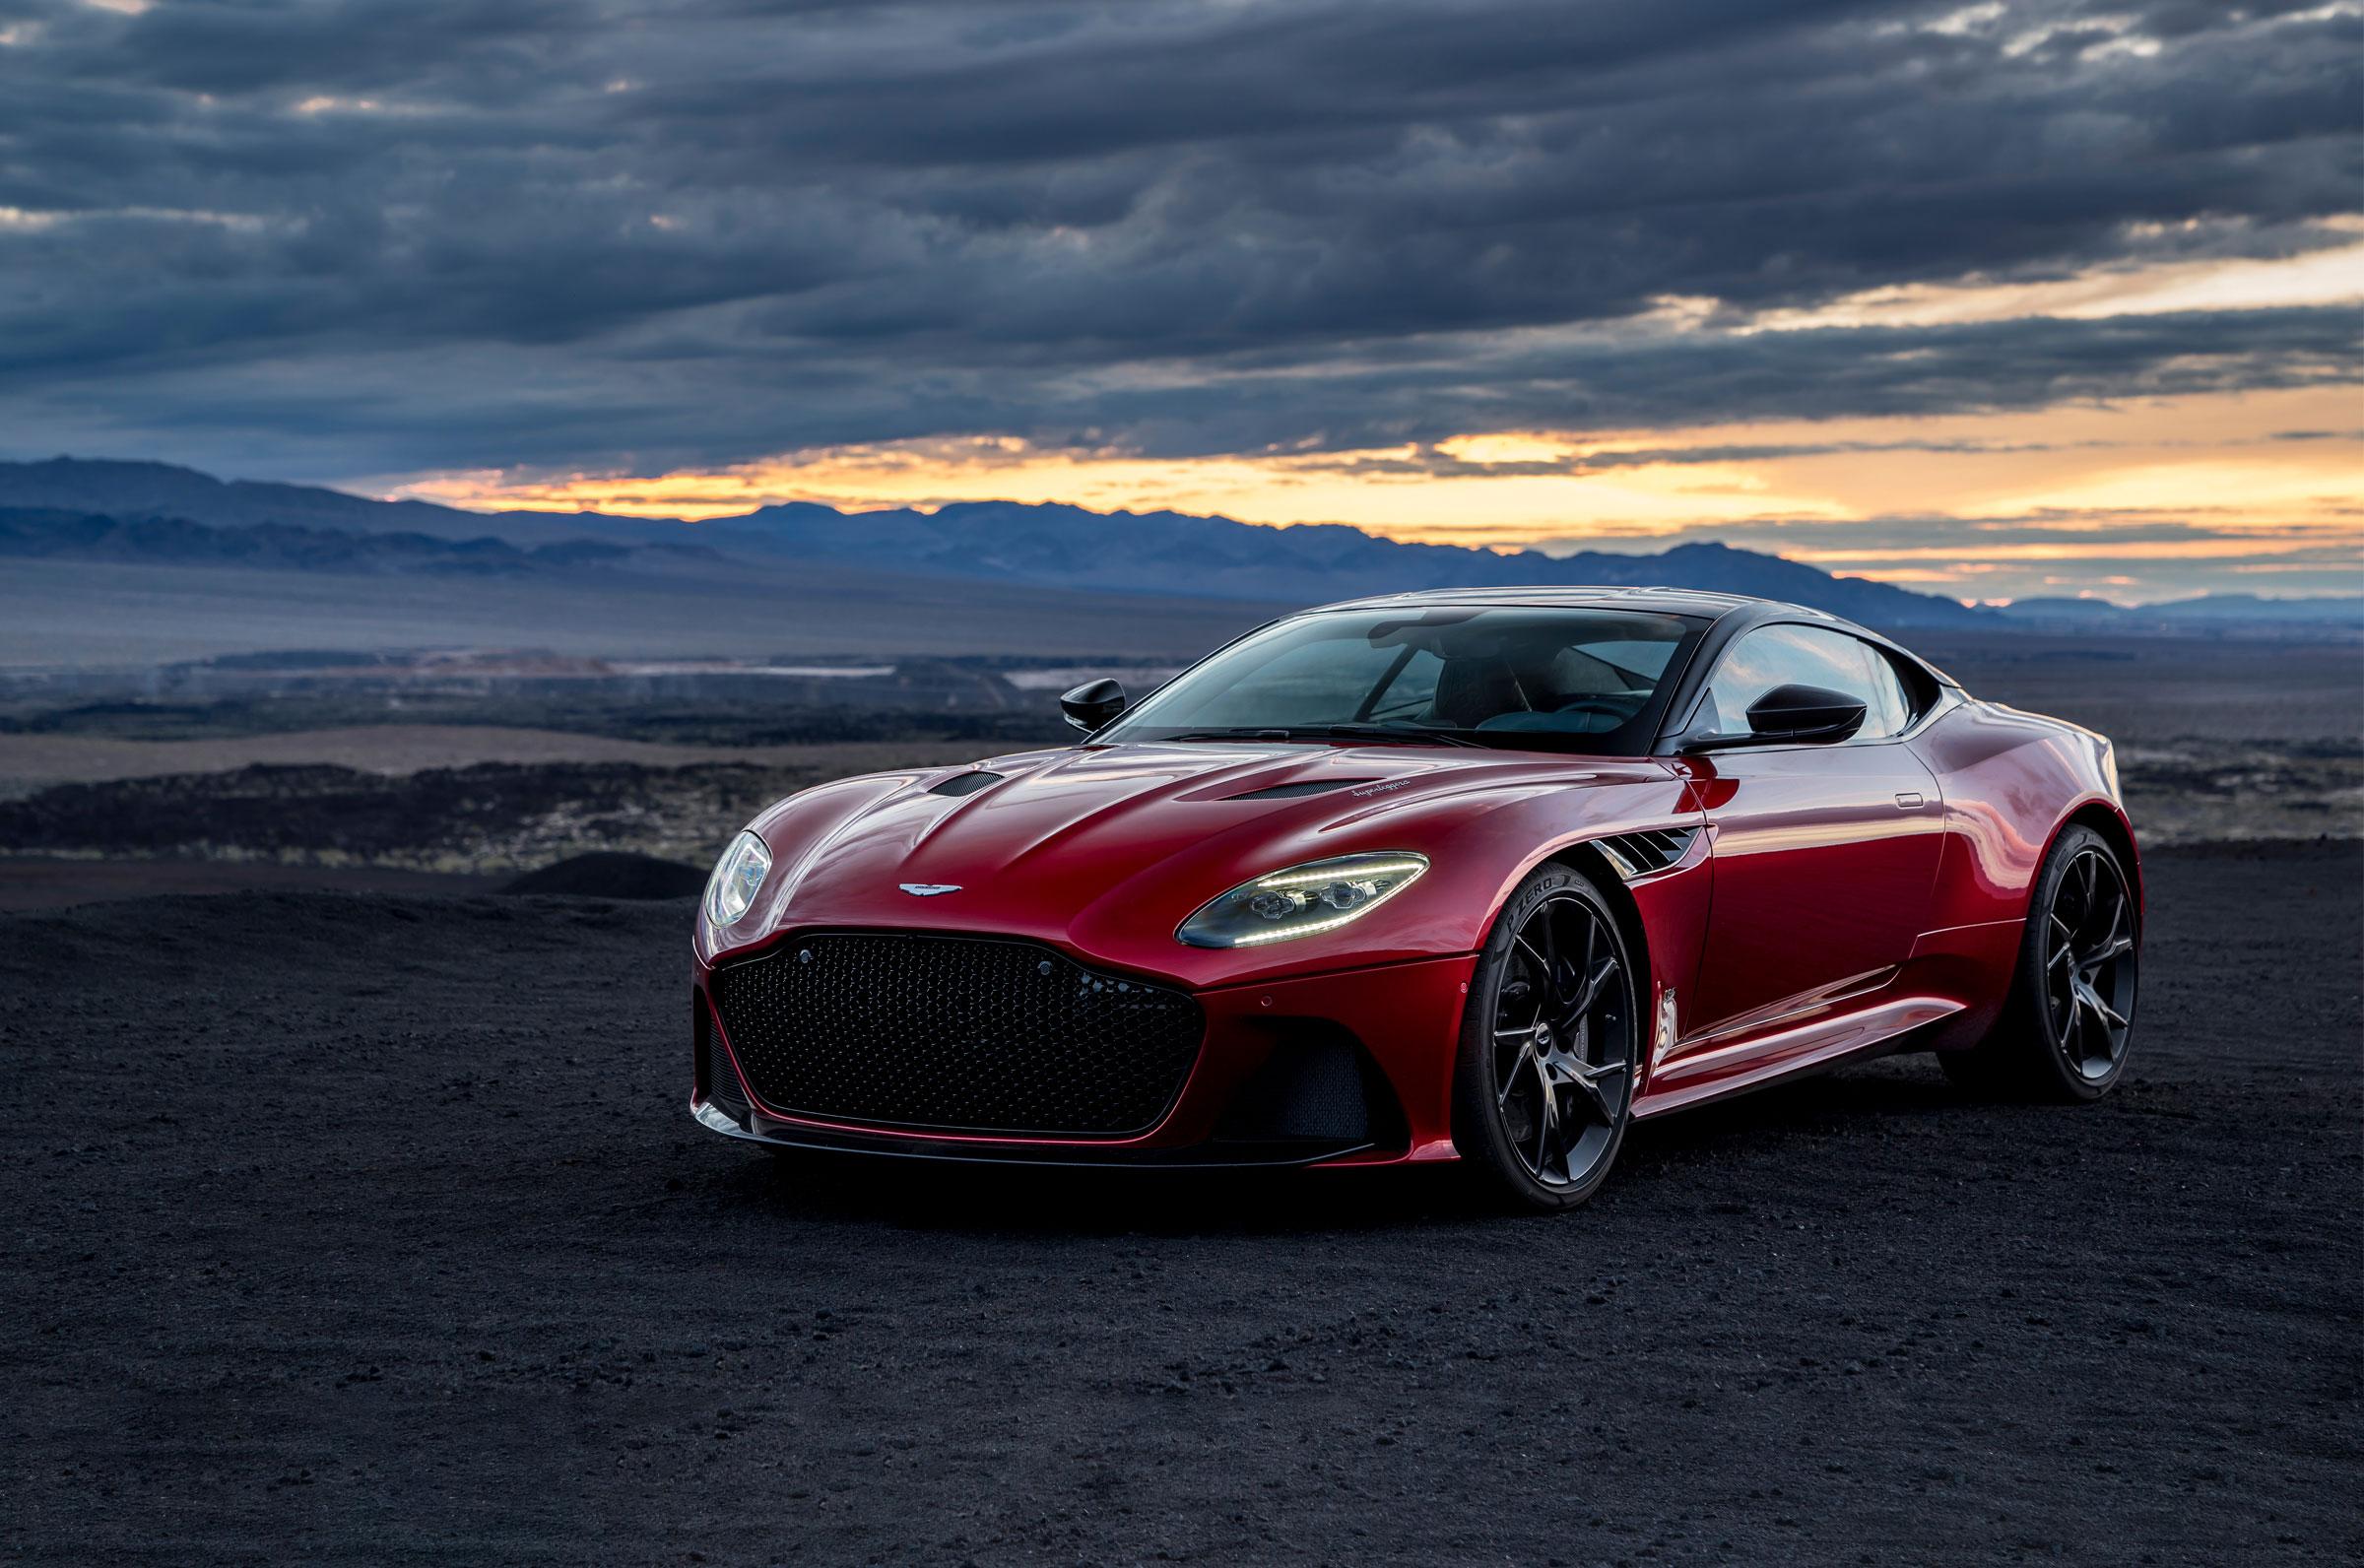 Dbs Superleggera Aston Martin